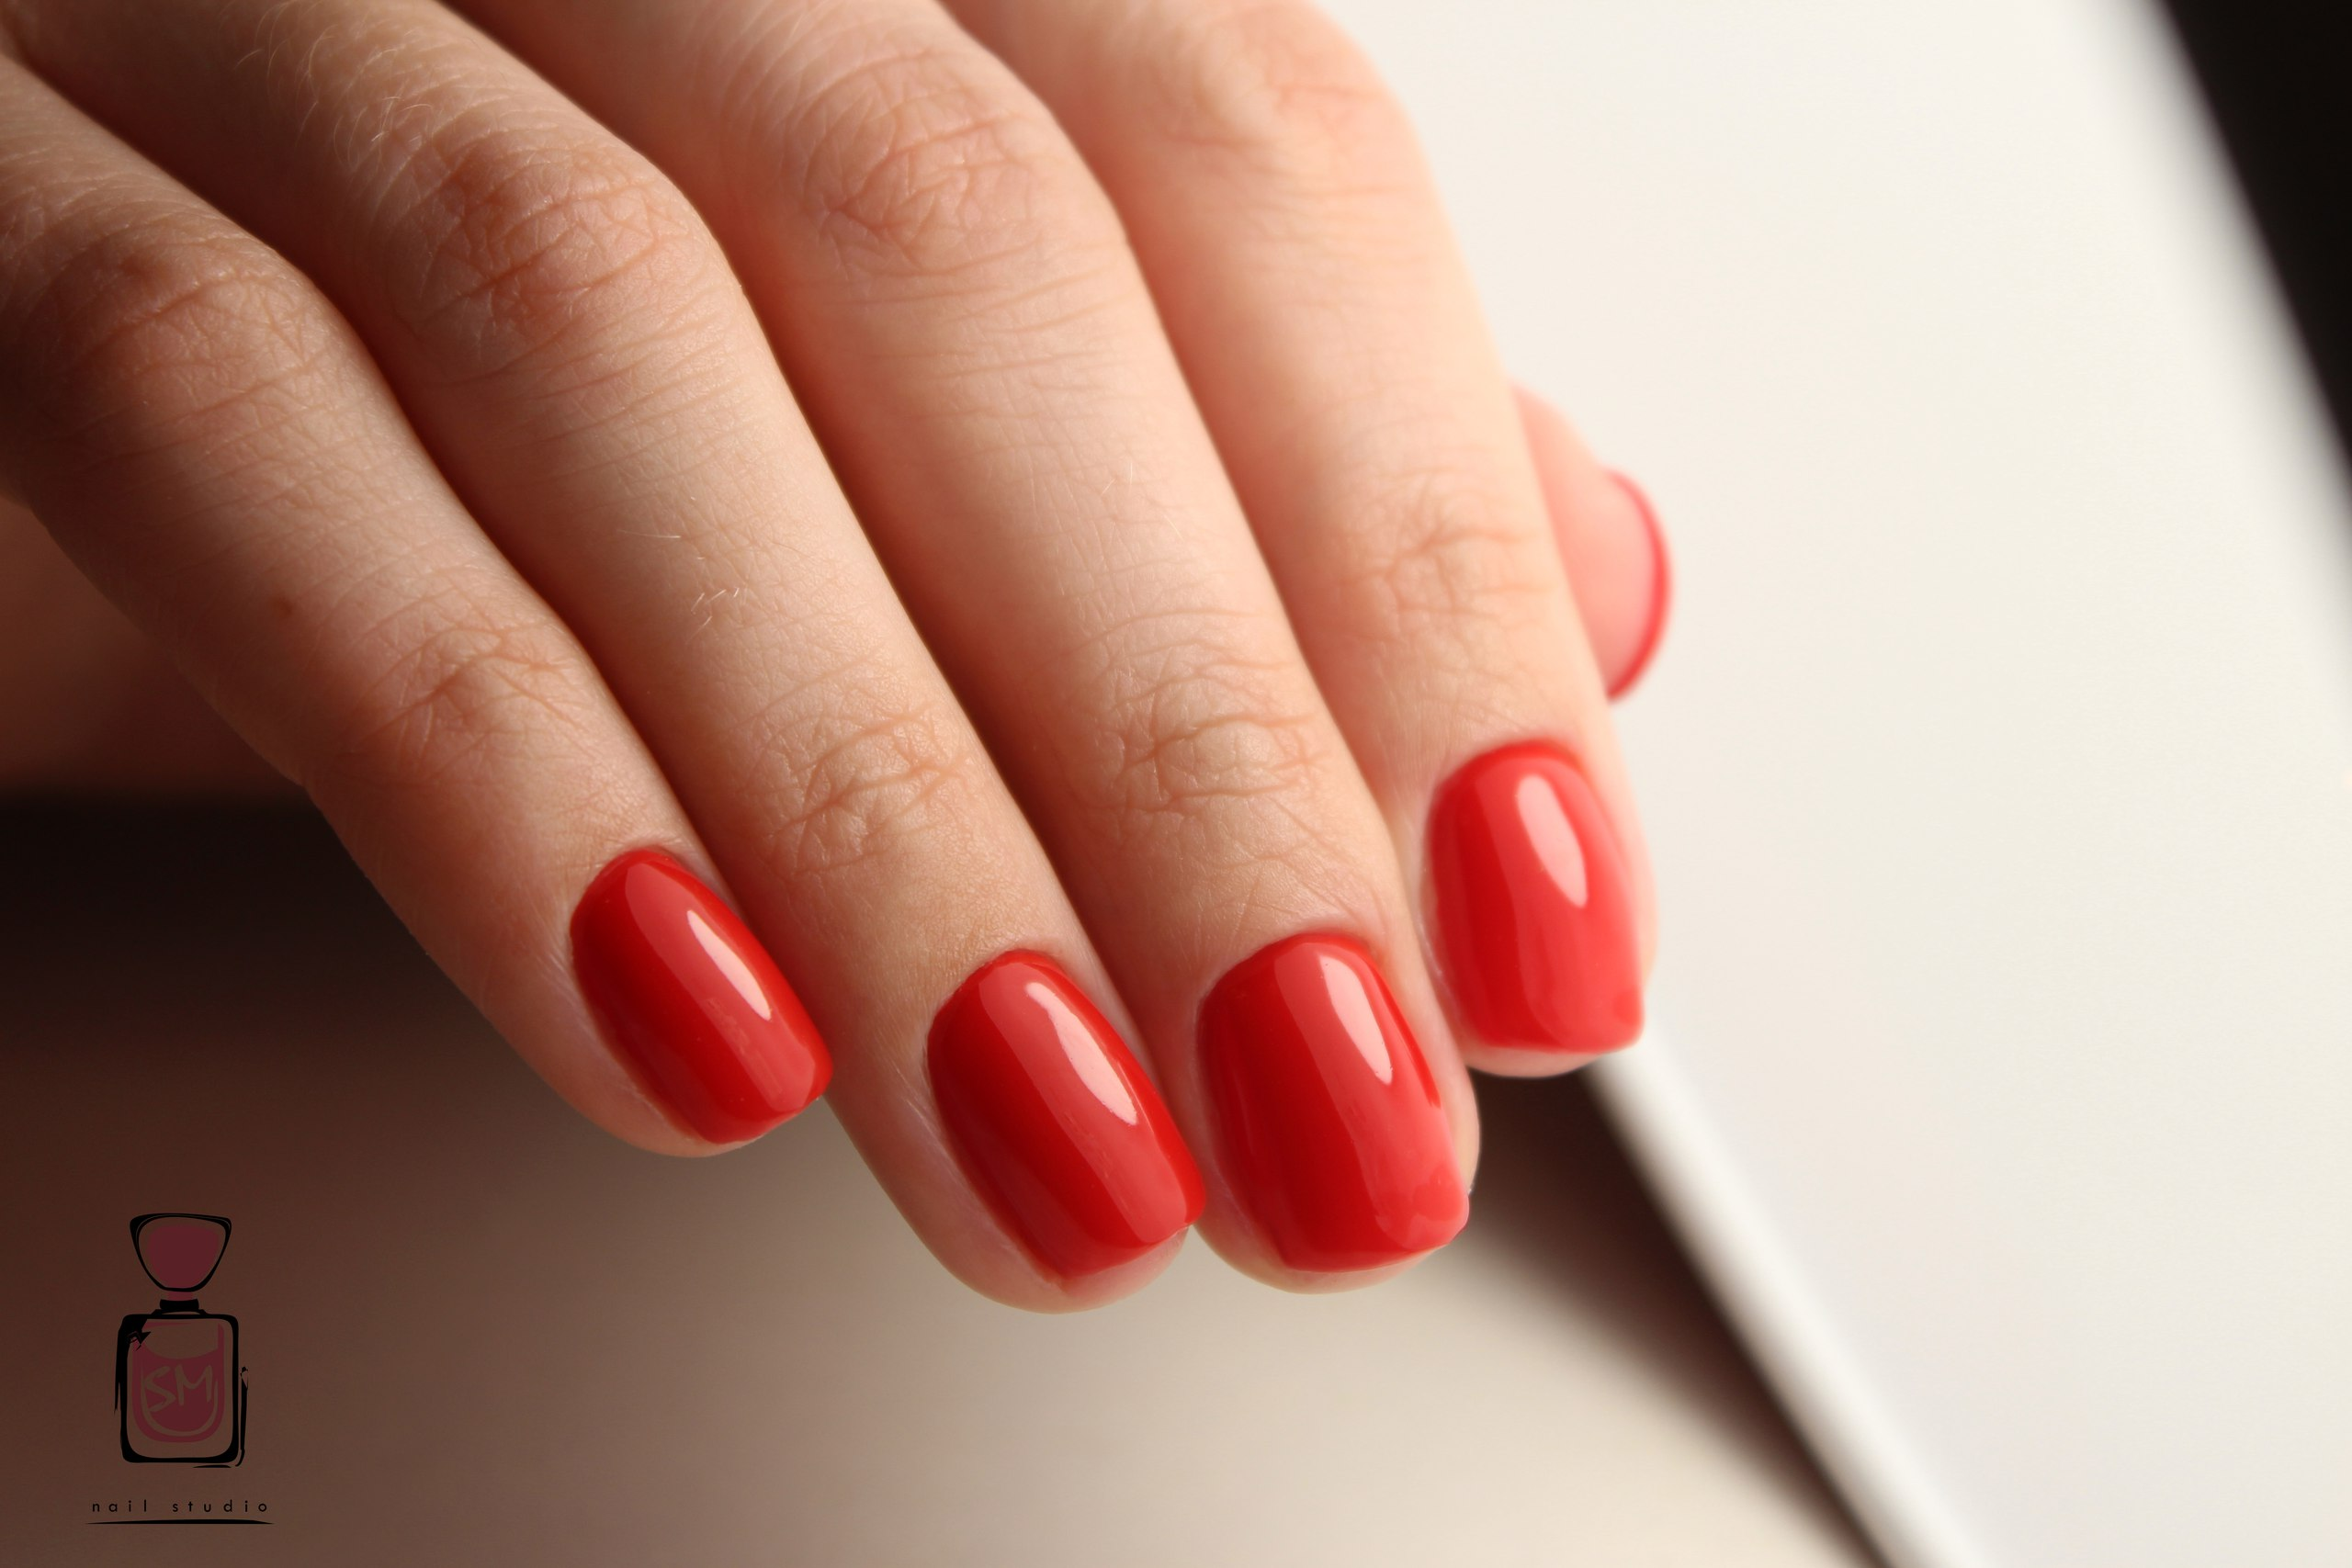 Фото красивого красного маникюра на коротких ногтях